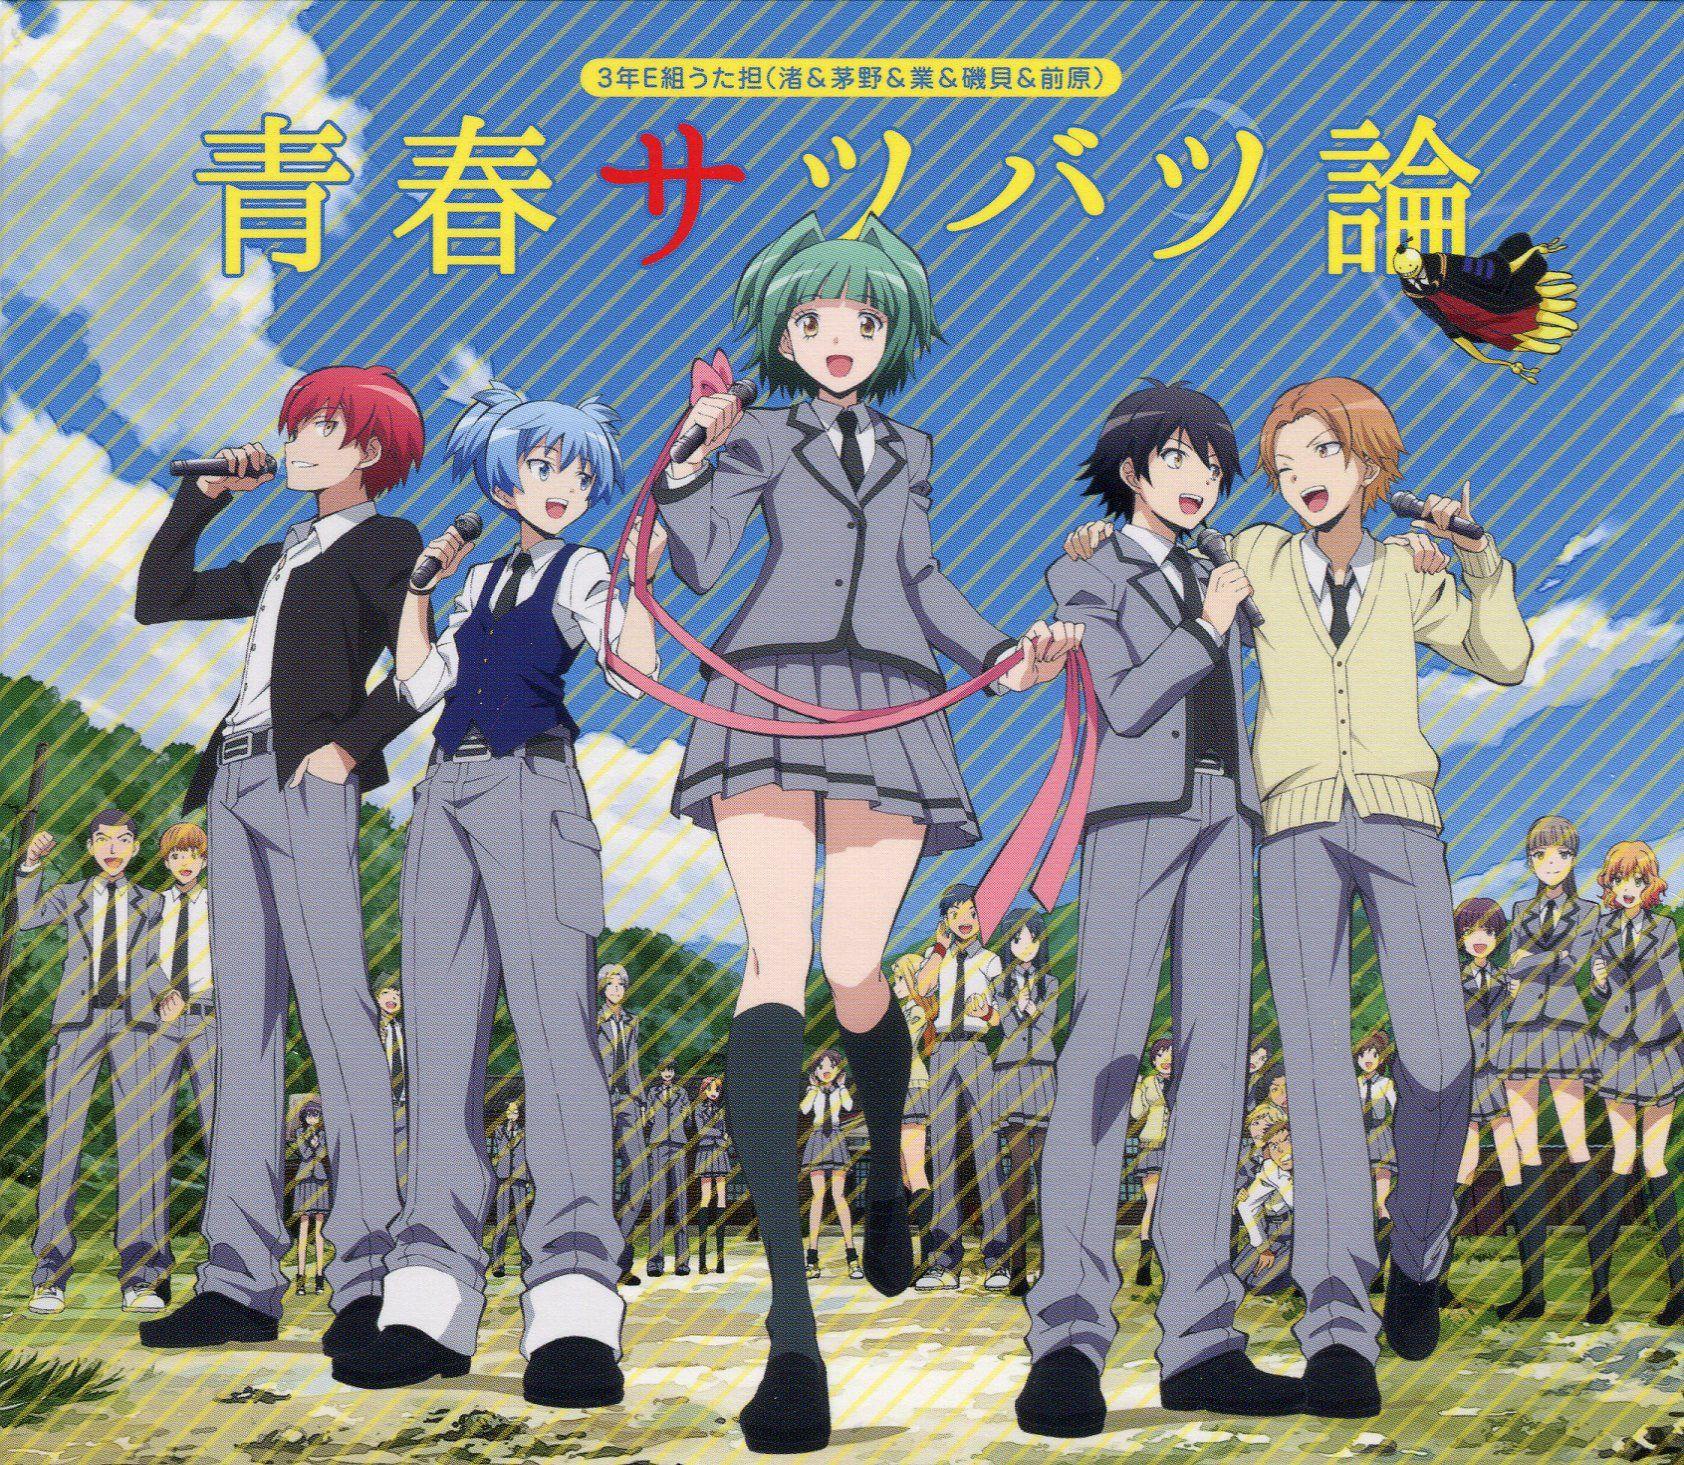 Ansatsu Kyoushitsu Dibujos Anime Manga Dibujos De Anime Arte Anime